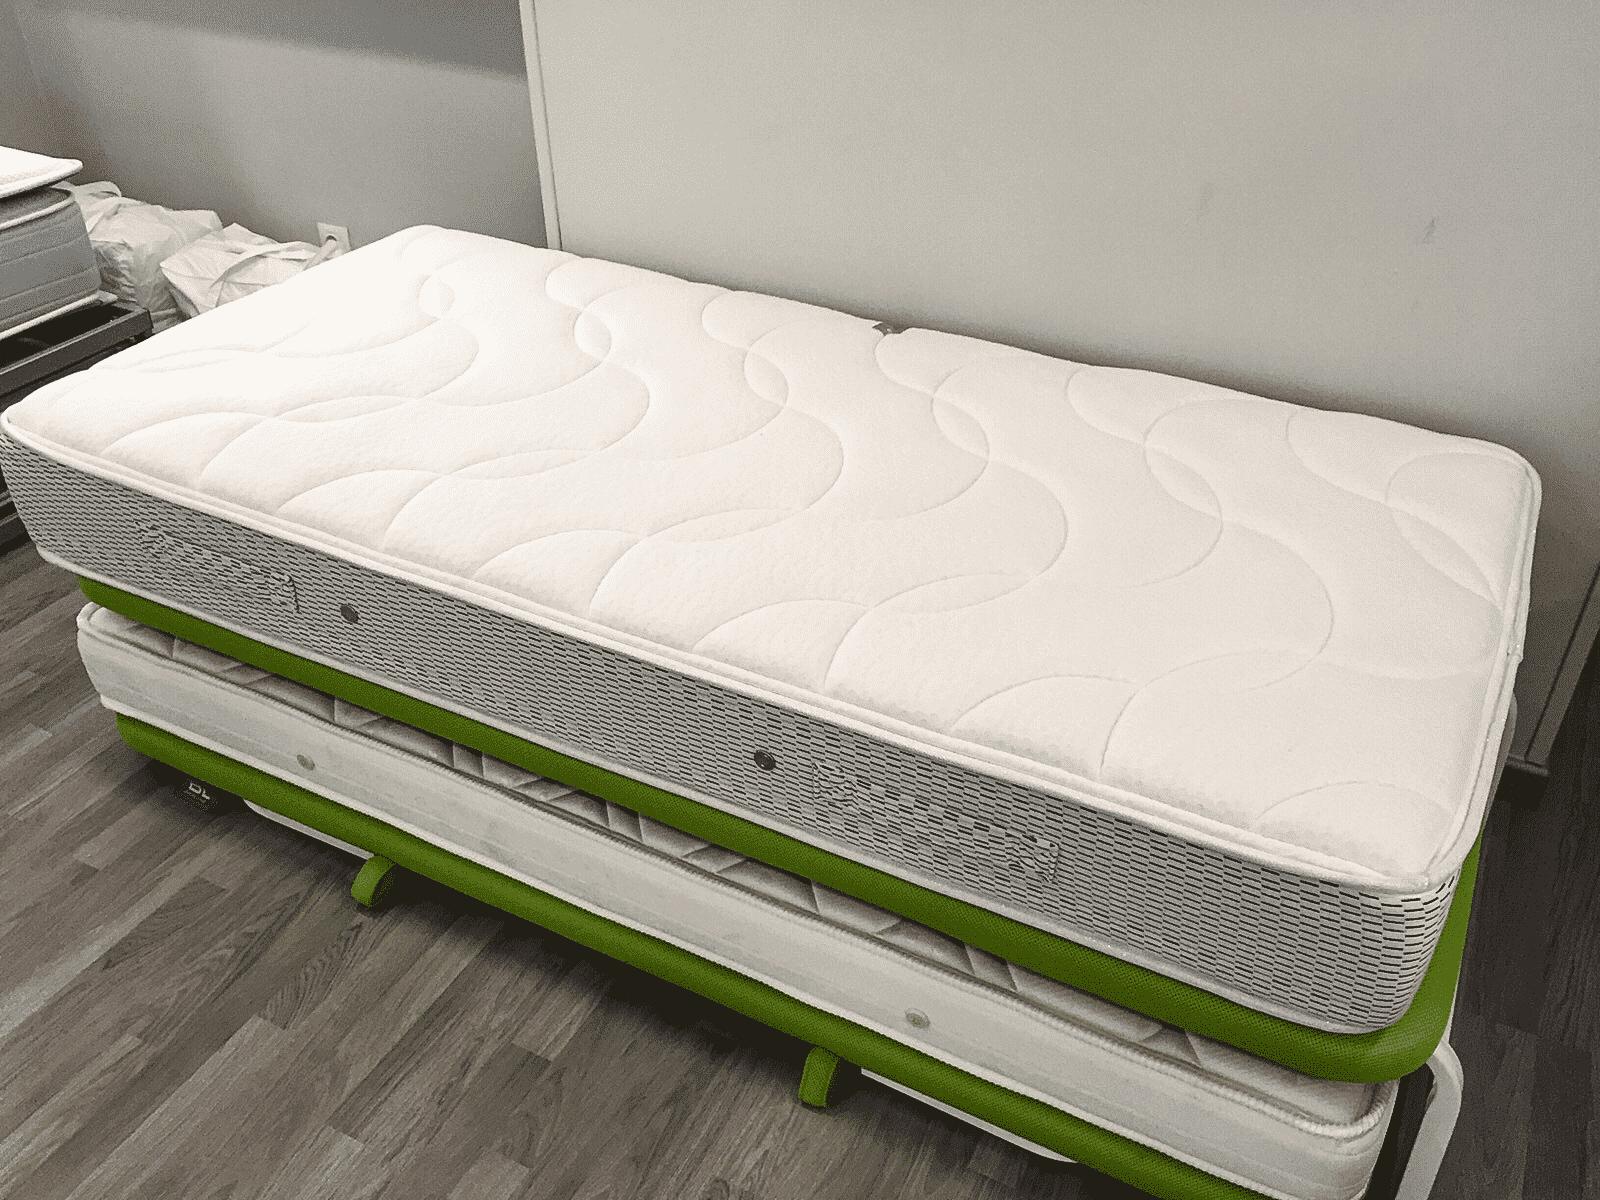 Camas nido comprar una cama nido barata - Somieres cama nido ...